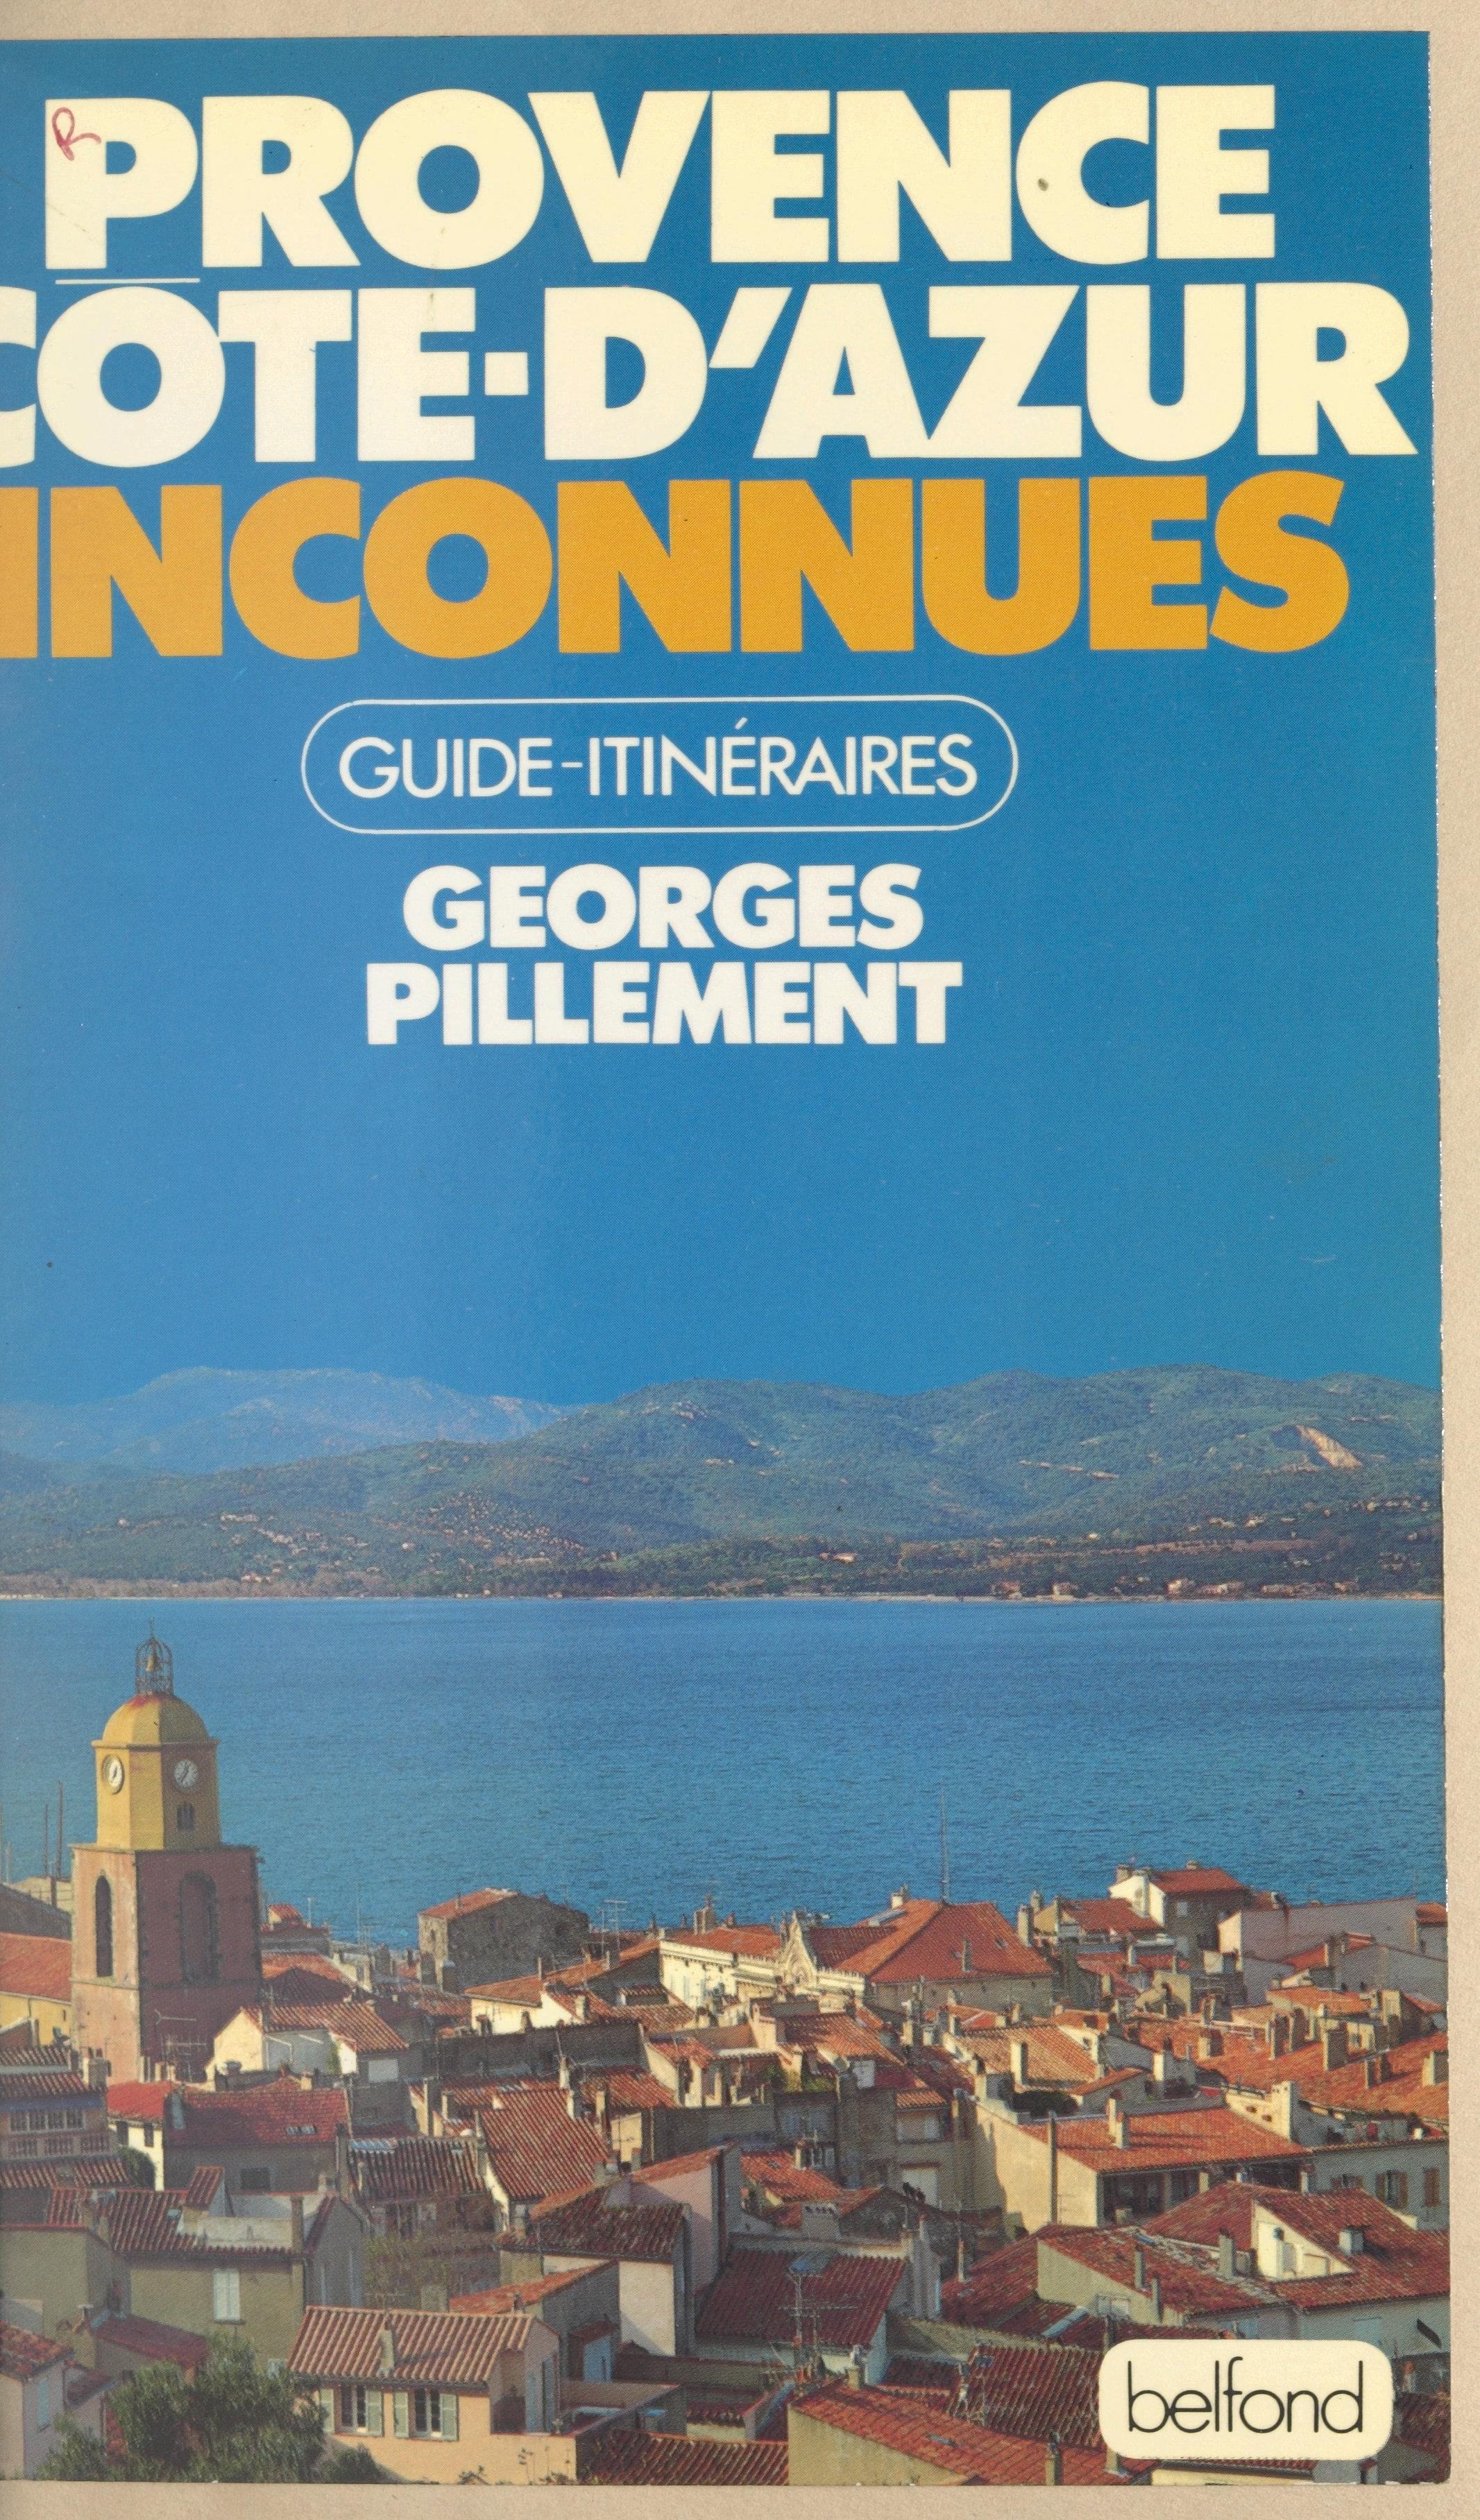 Provence, Côte d'Azur incon...